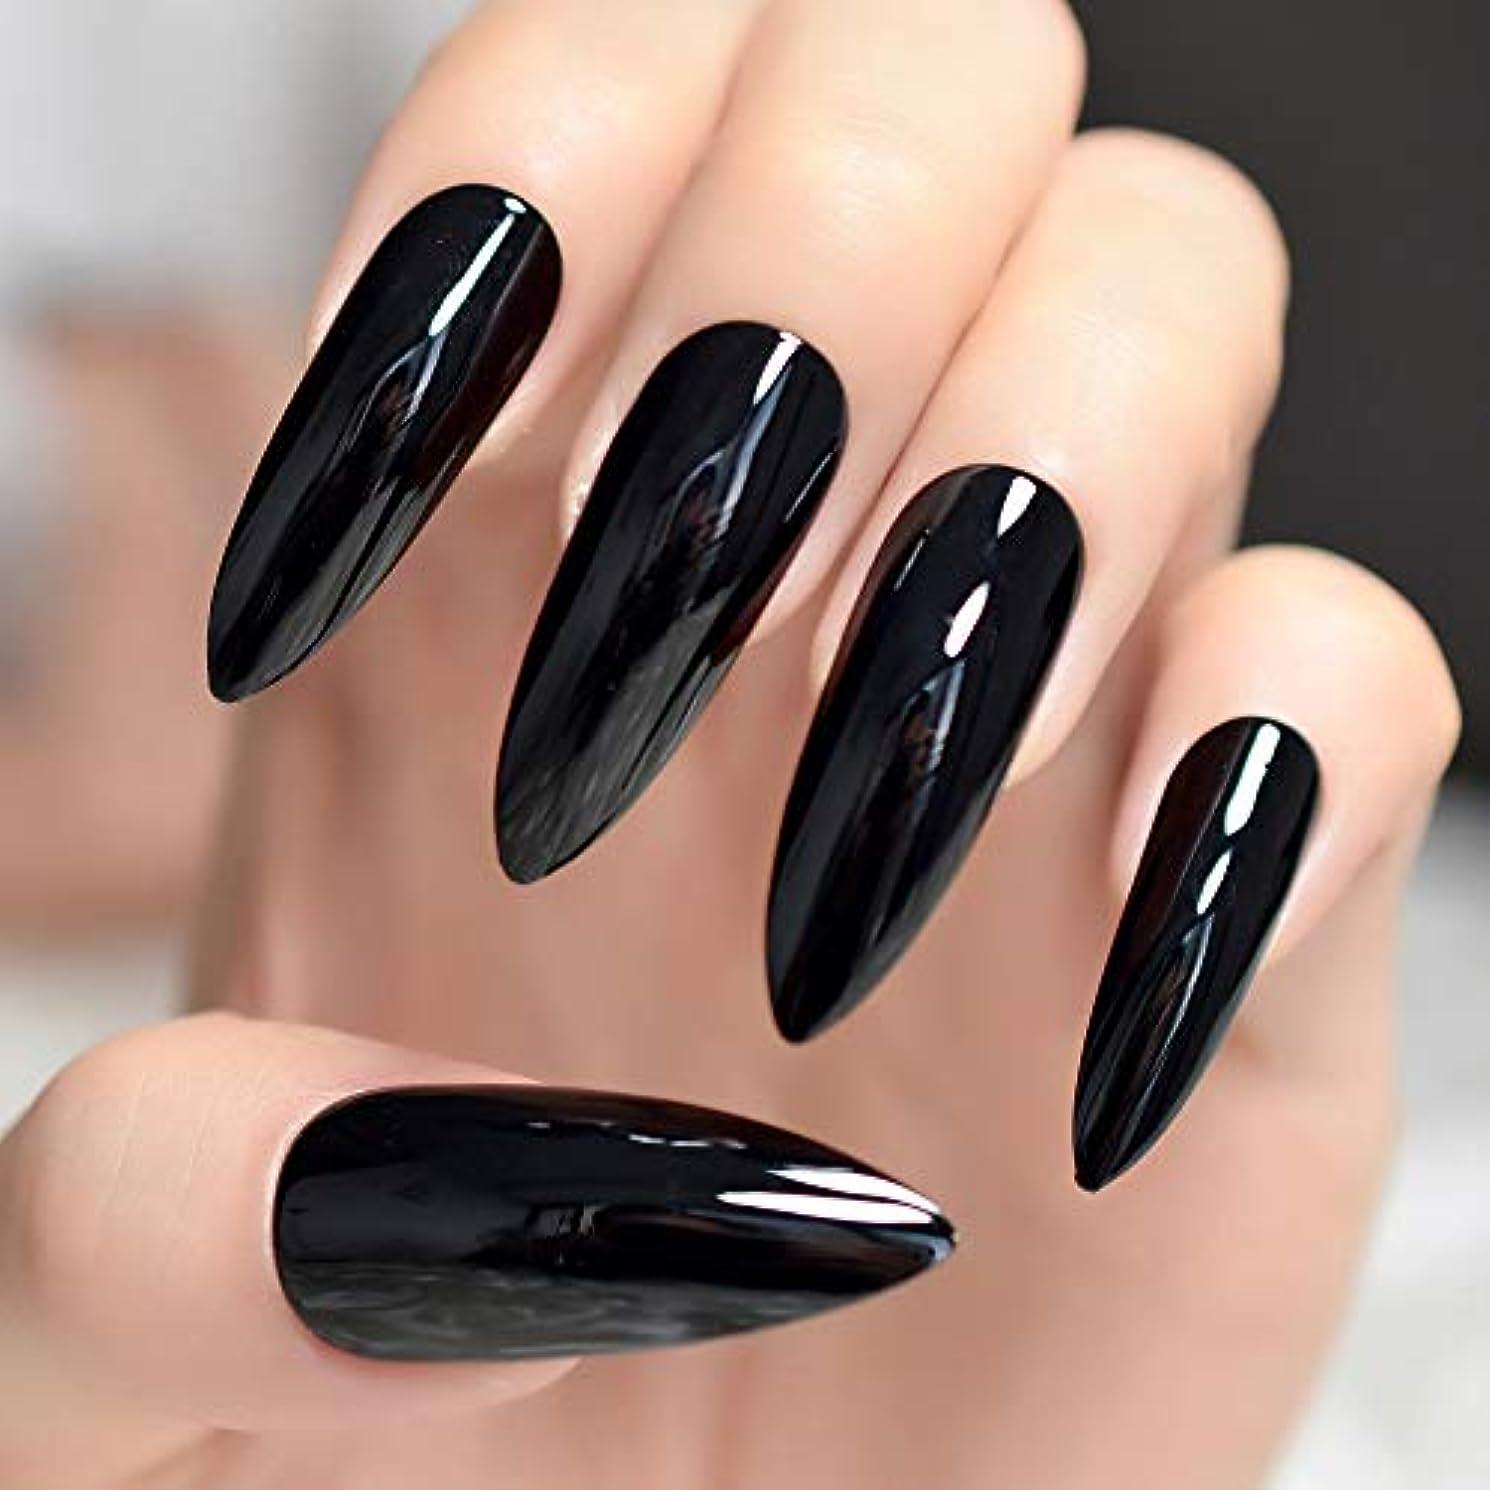 視聴者通貨視聴者XUTXZKA 黒い長い爪24爪の完全なセットを爪に仕上げました